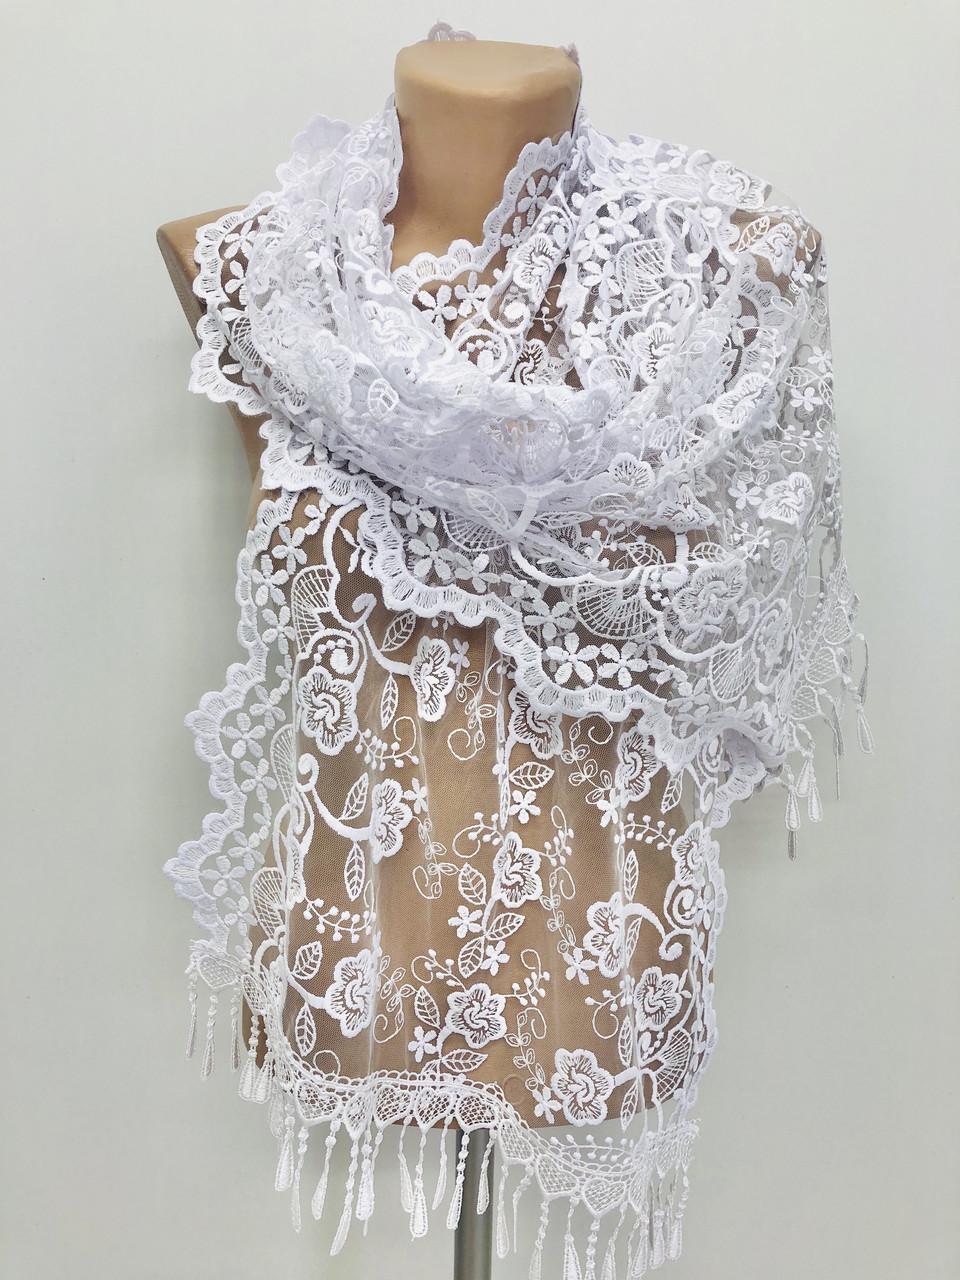 Шарф белый ажурный фатиновый свадебный церковный 150036